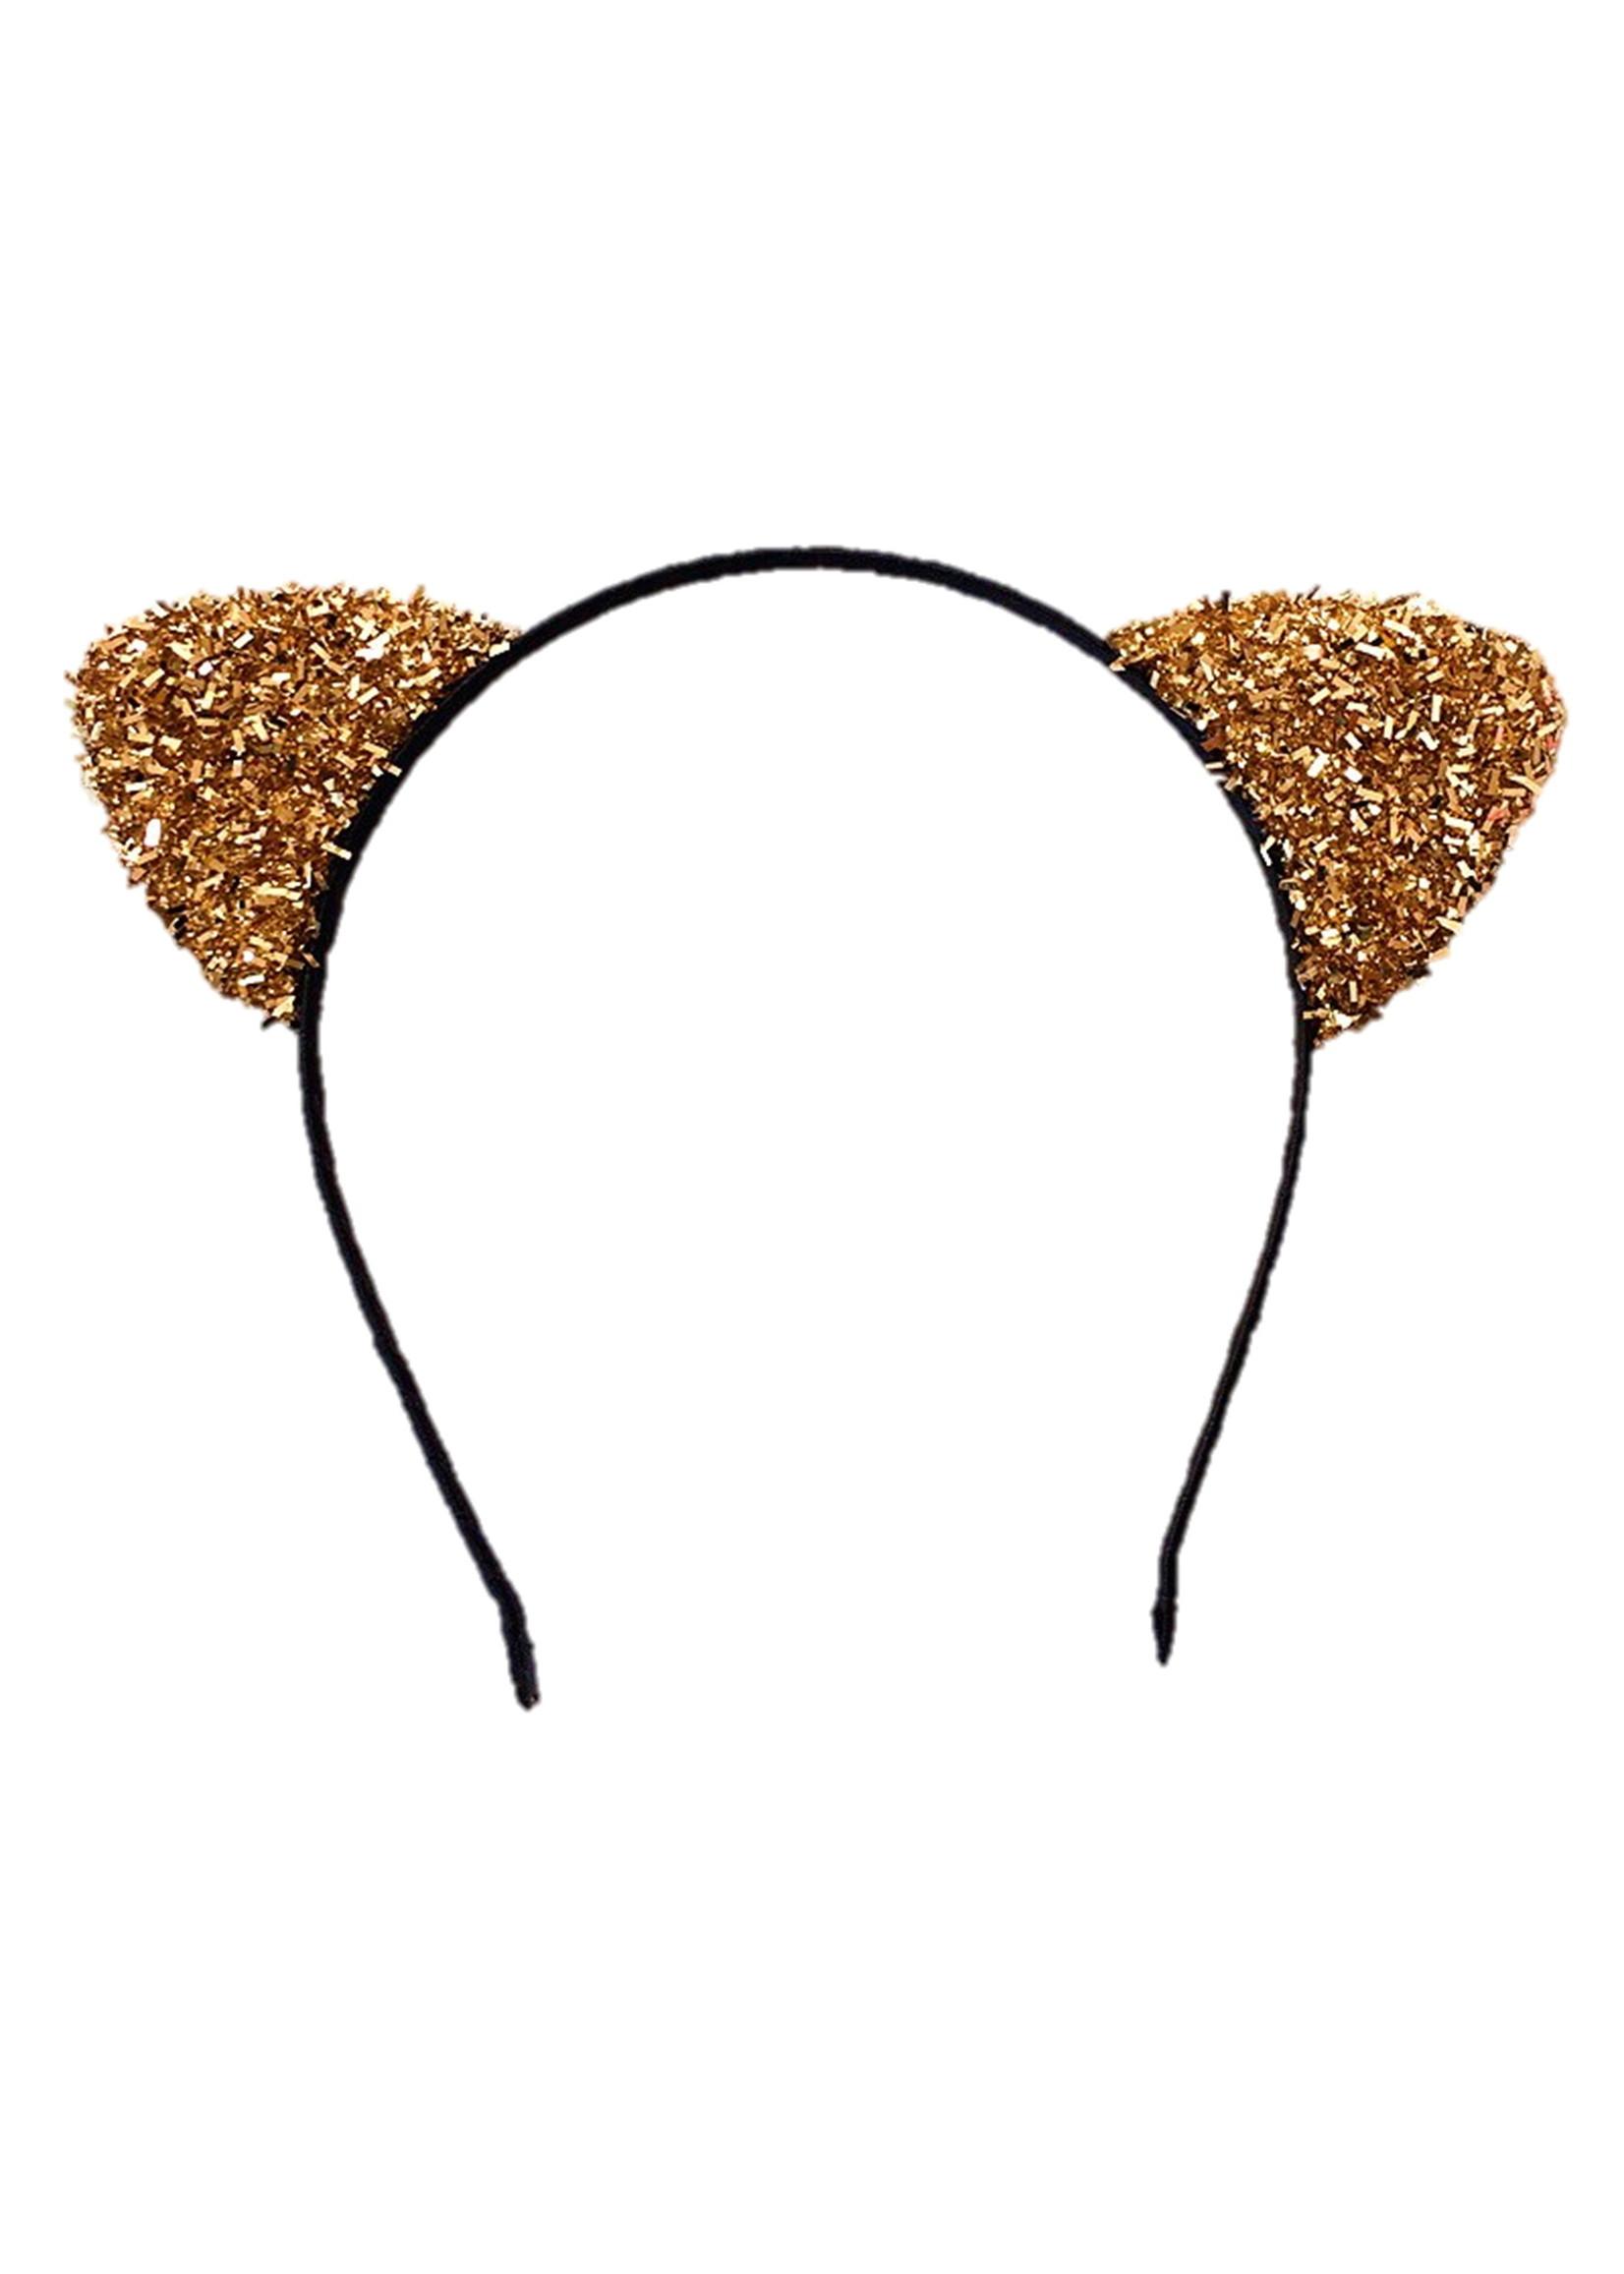 Annienas haarband met sprankelende katten oren